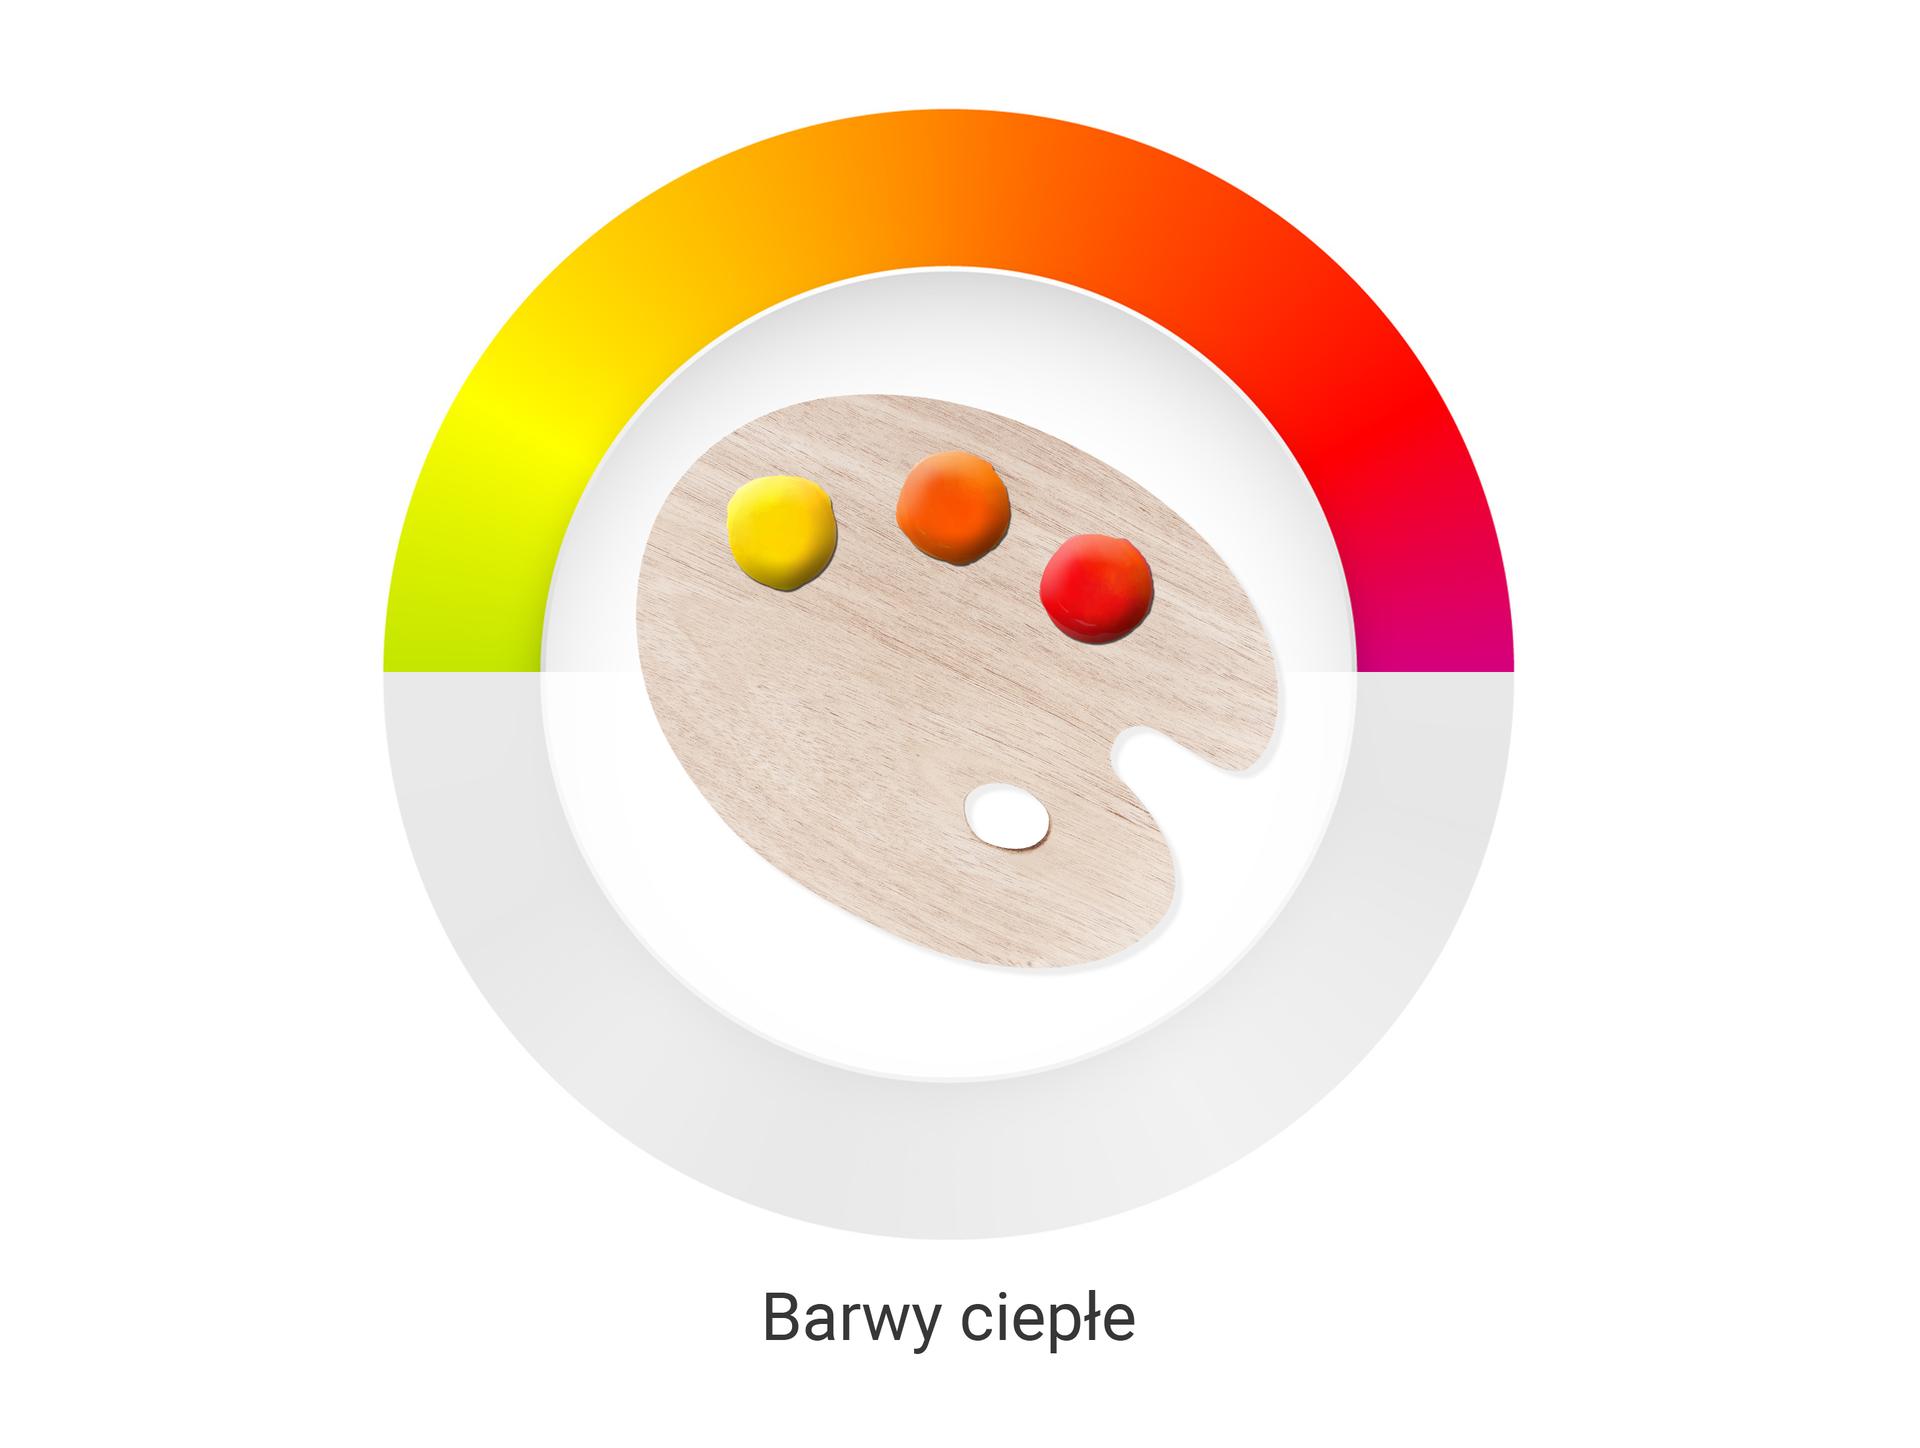 Ilustracja przedstawia koło barw ze wskazaniem na ciepłe barwy. Wśrodku koła widoczna jest paletka zkolorami takimi jak: żółty, pomarańczowy iczerwony. Na kole zamieszczone są różne odcienie tych kolorów.